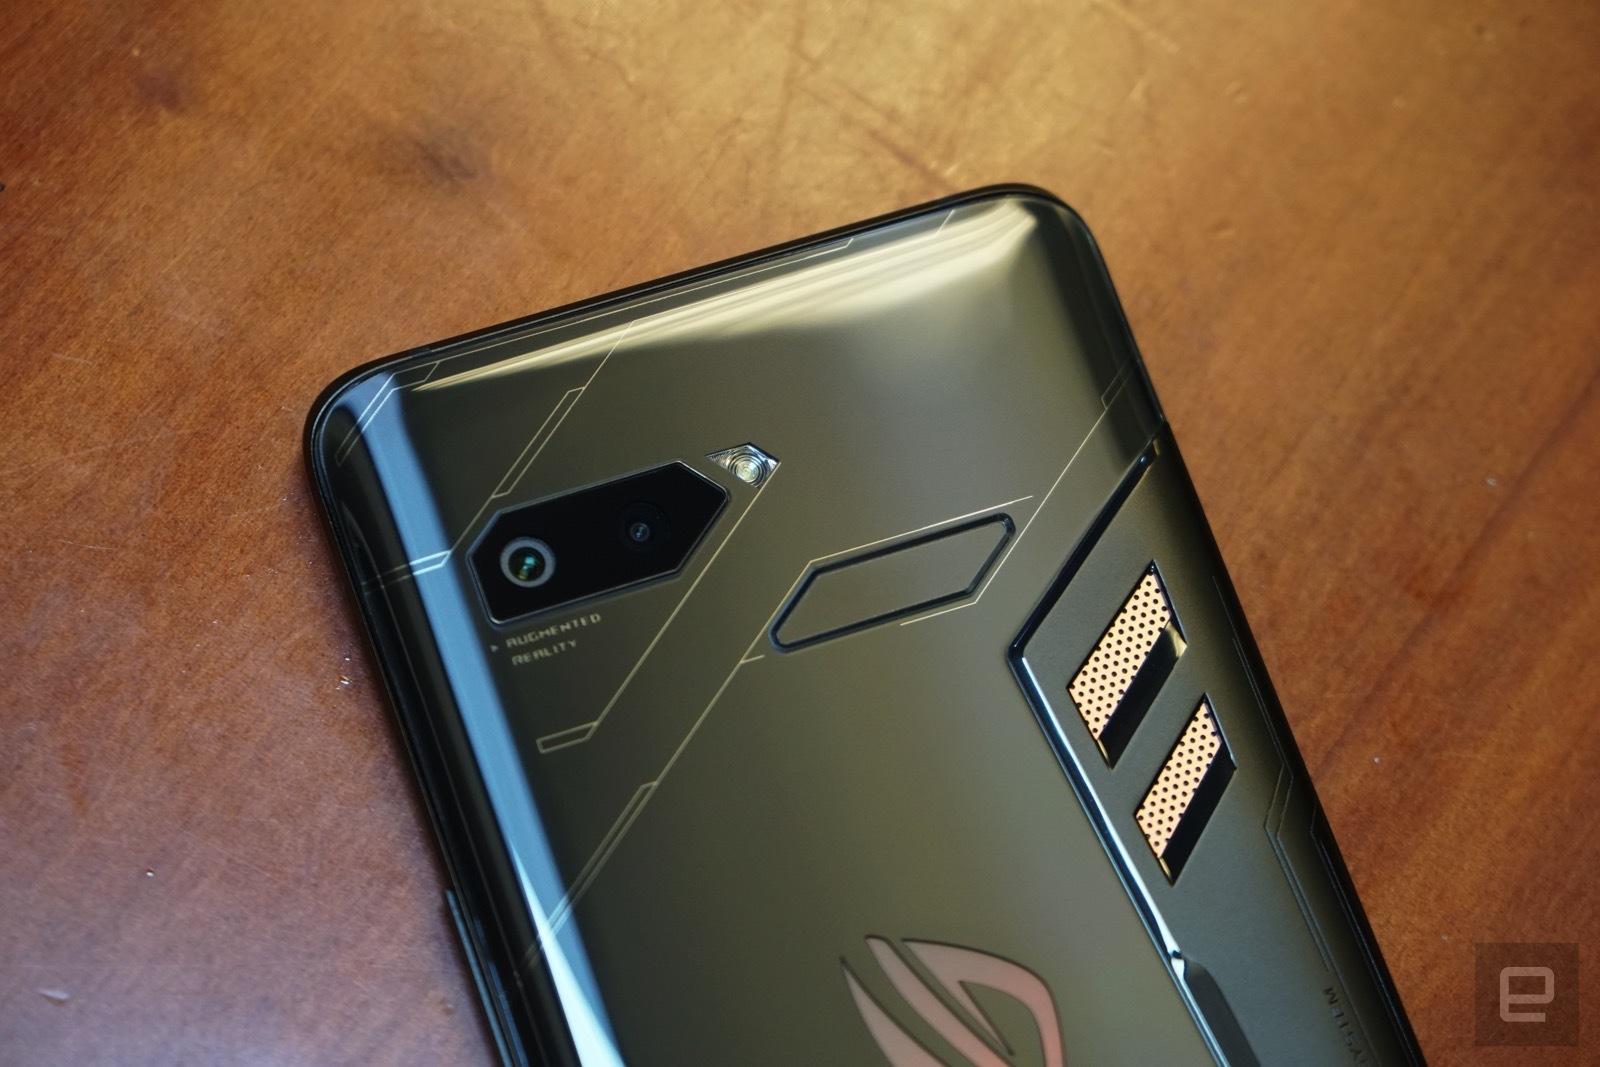 asus-rog-phone-2018-06-03-9-1